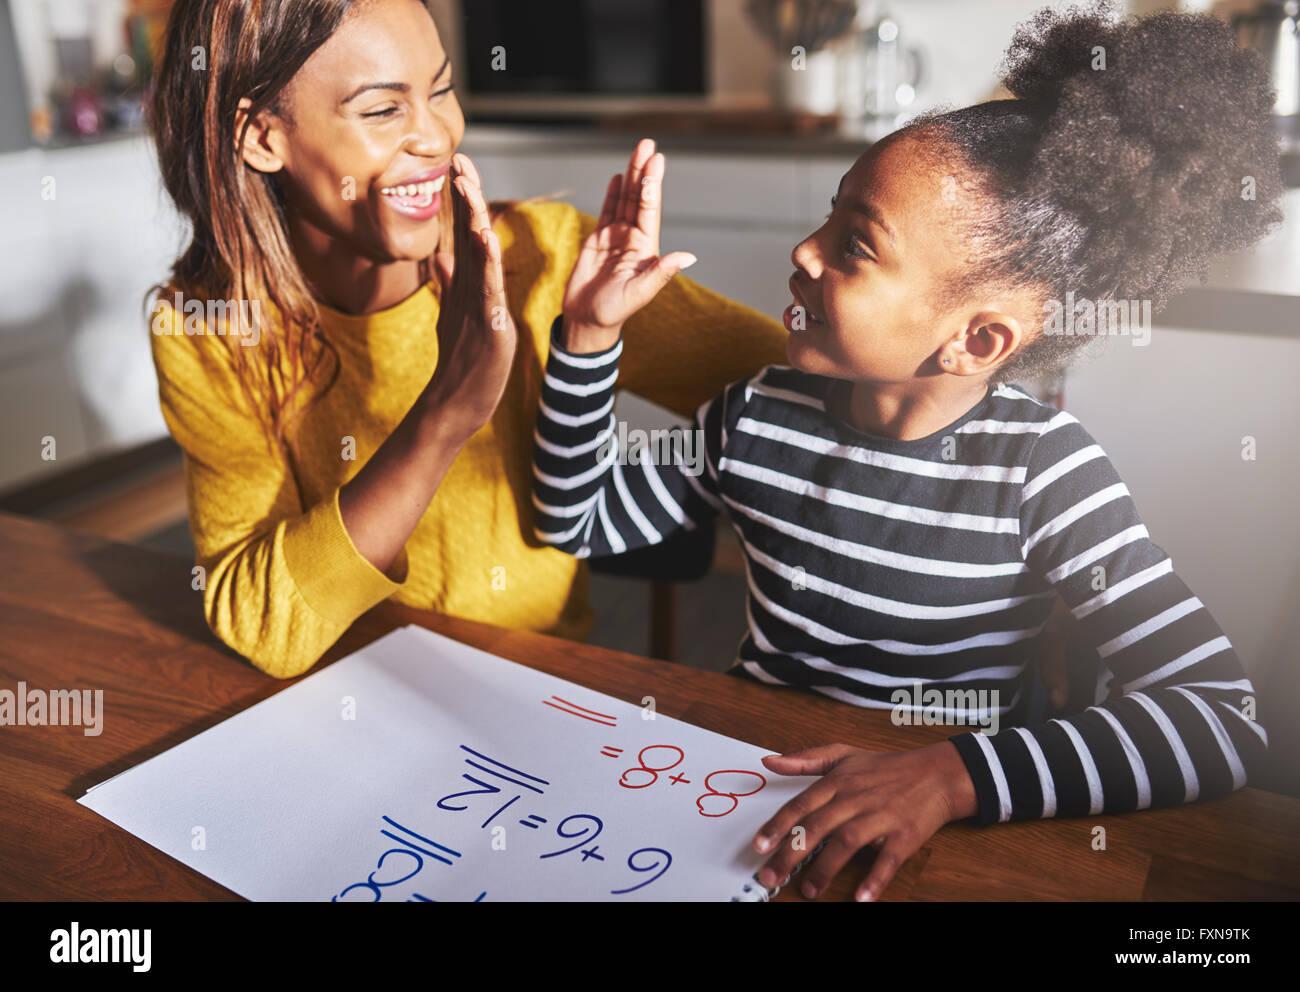 Imparare a calcolare, alta cinque successo, nero di madre e bambino Immagini Stock